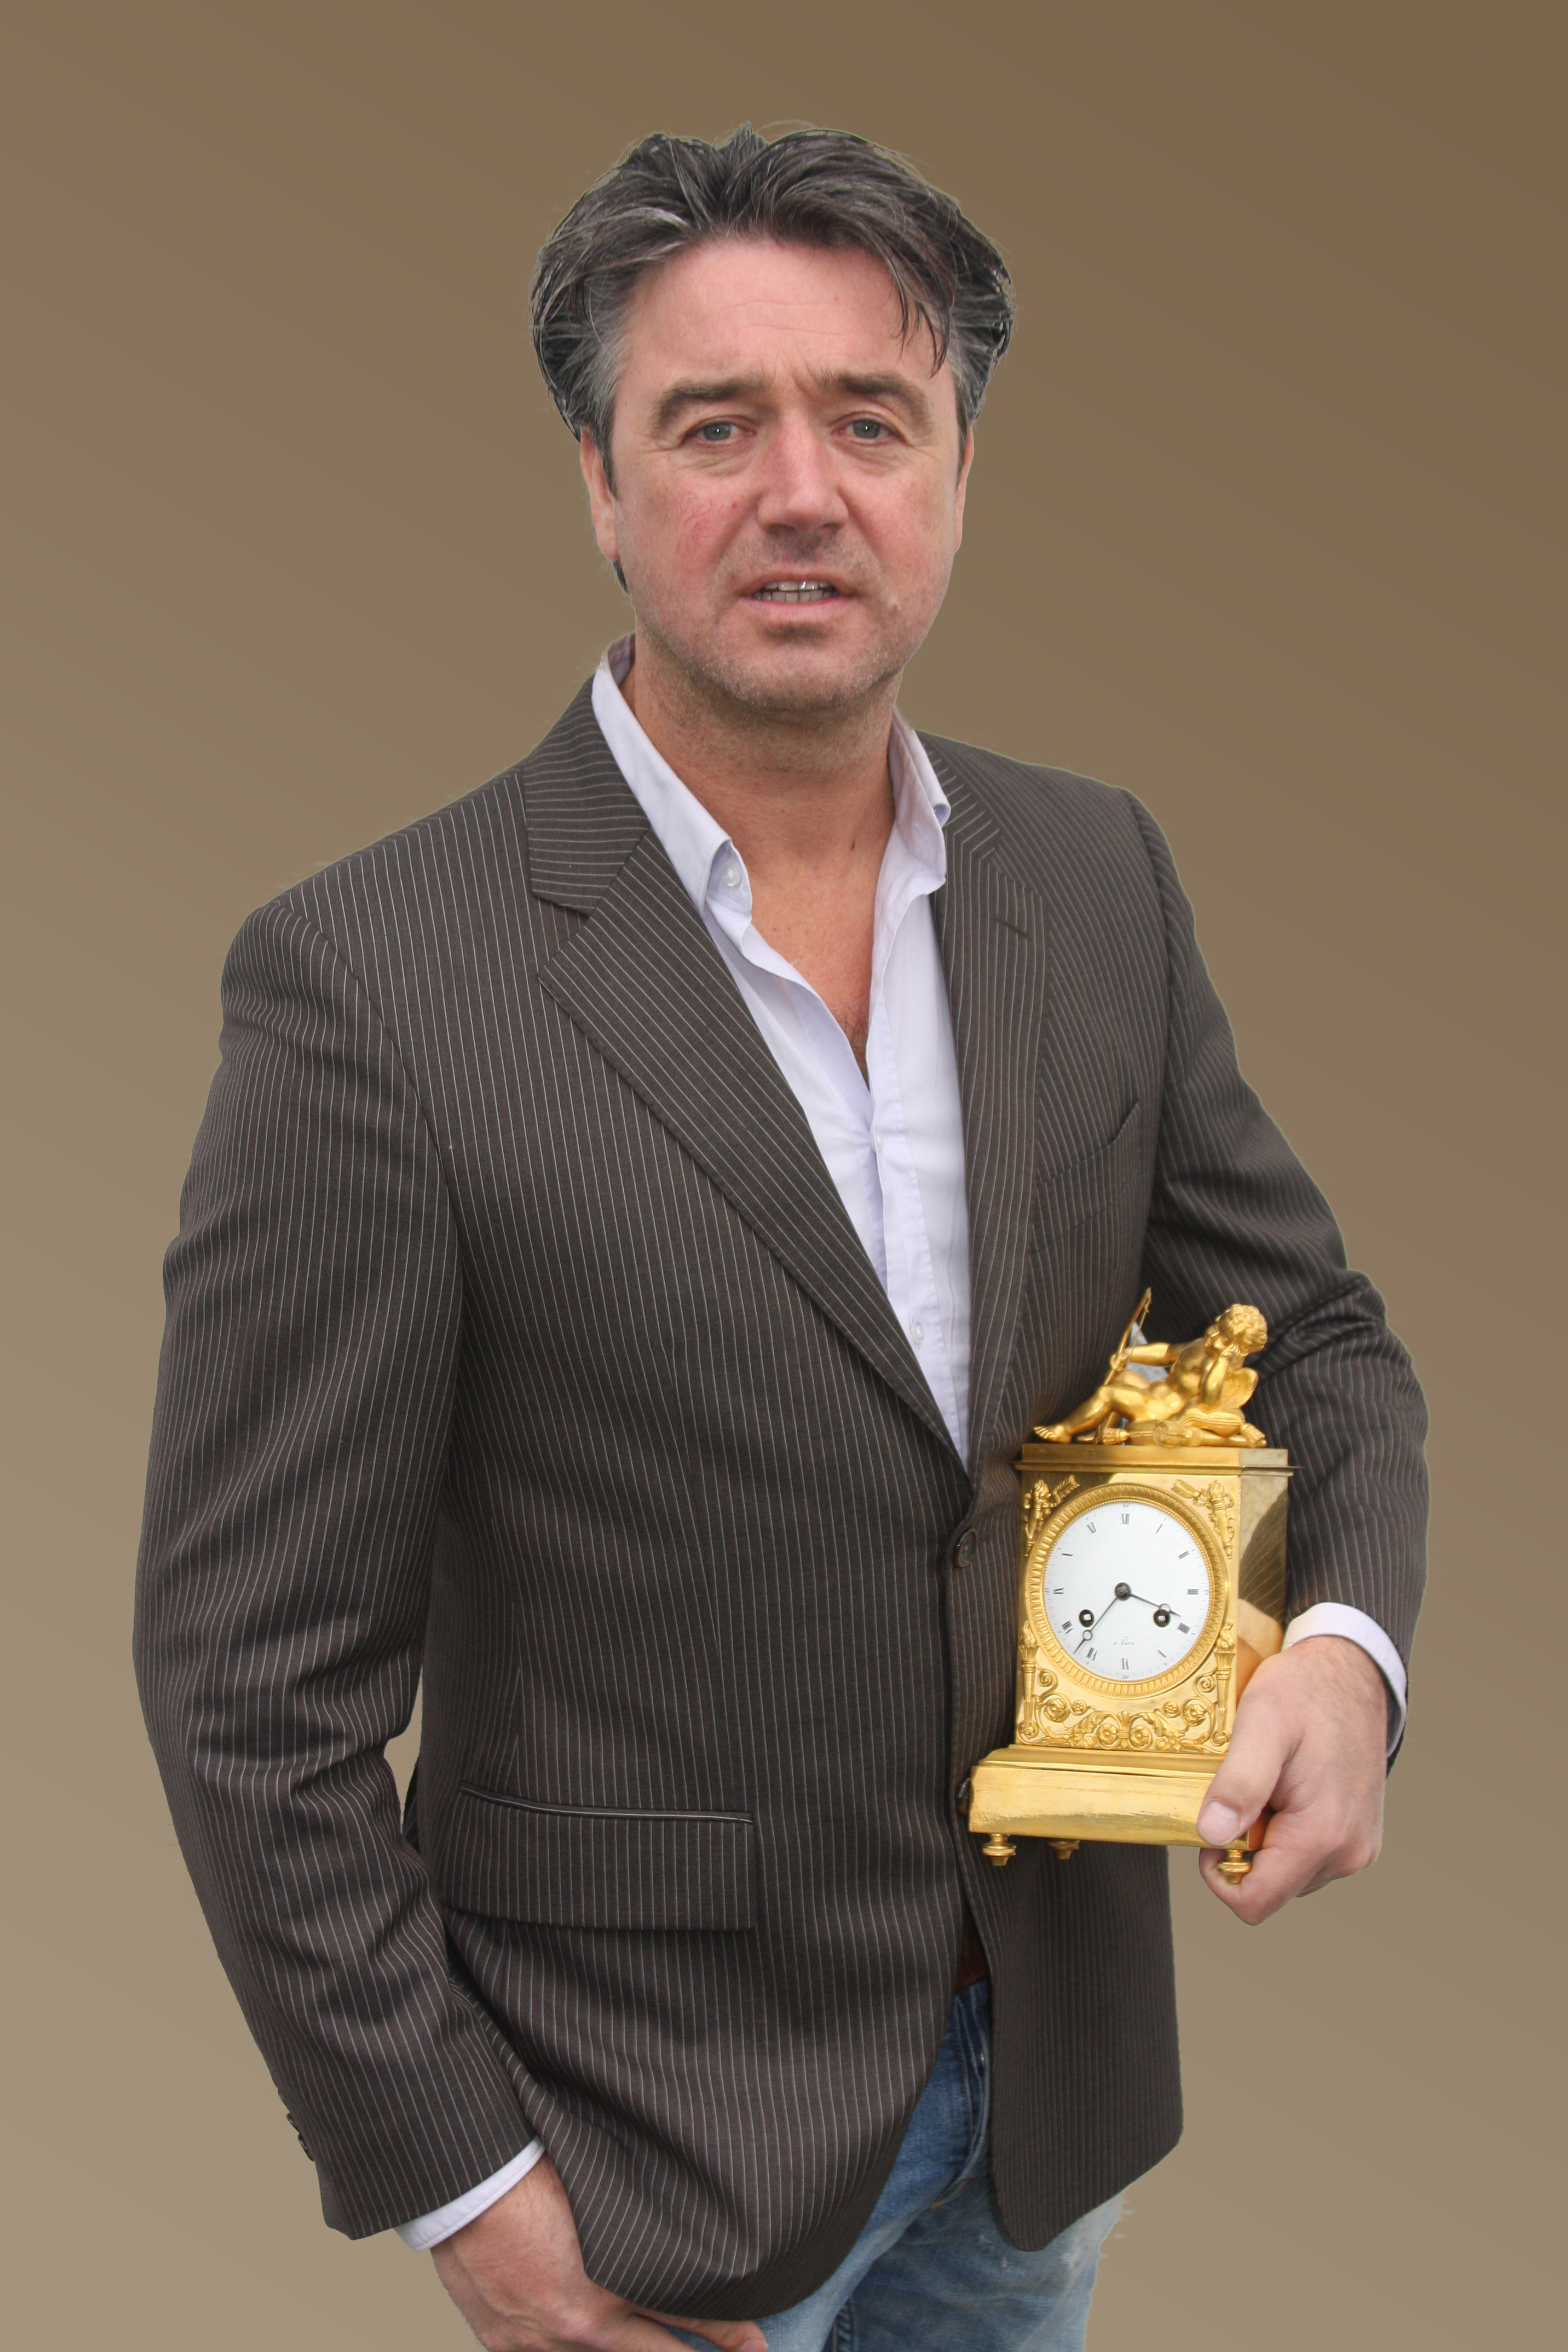 Emiel Geurts